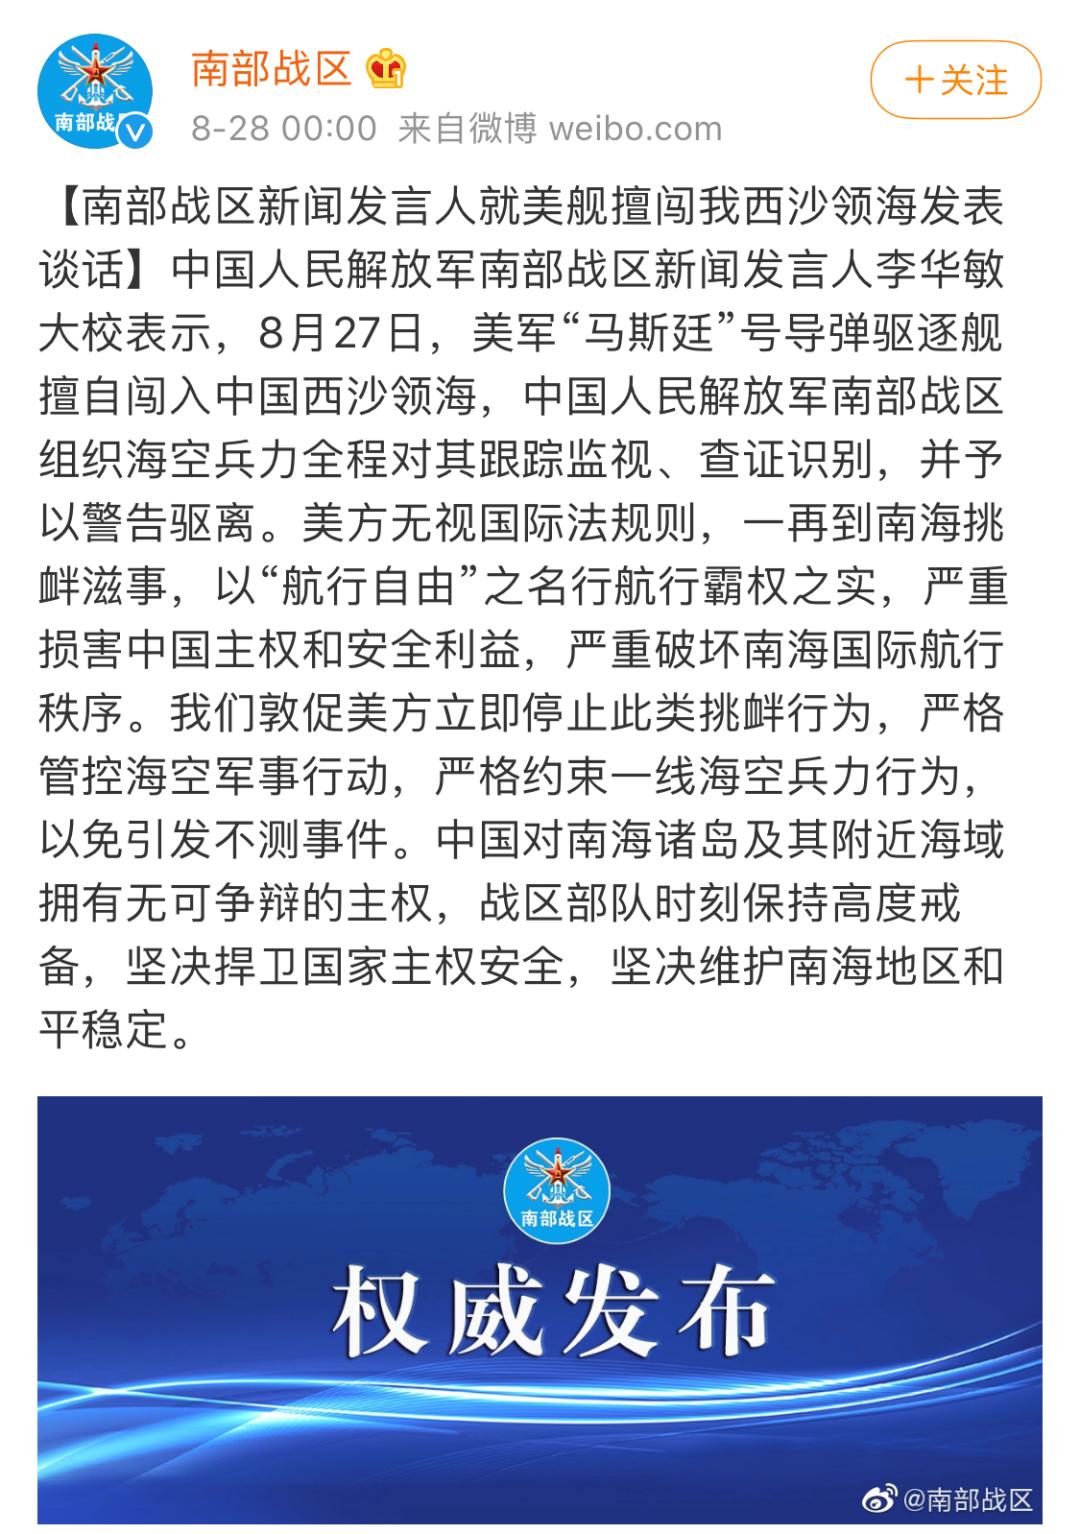 【旺道快猫网址系统】_美舰擅闯中国西沙领海,南部战区零点发声